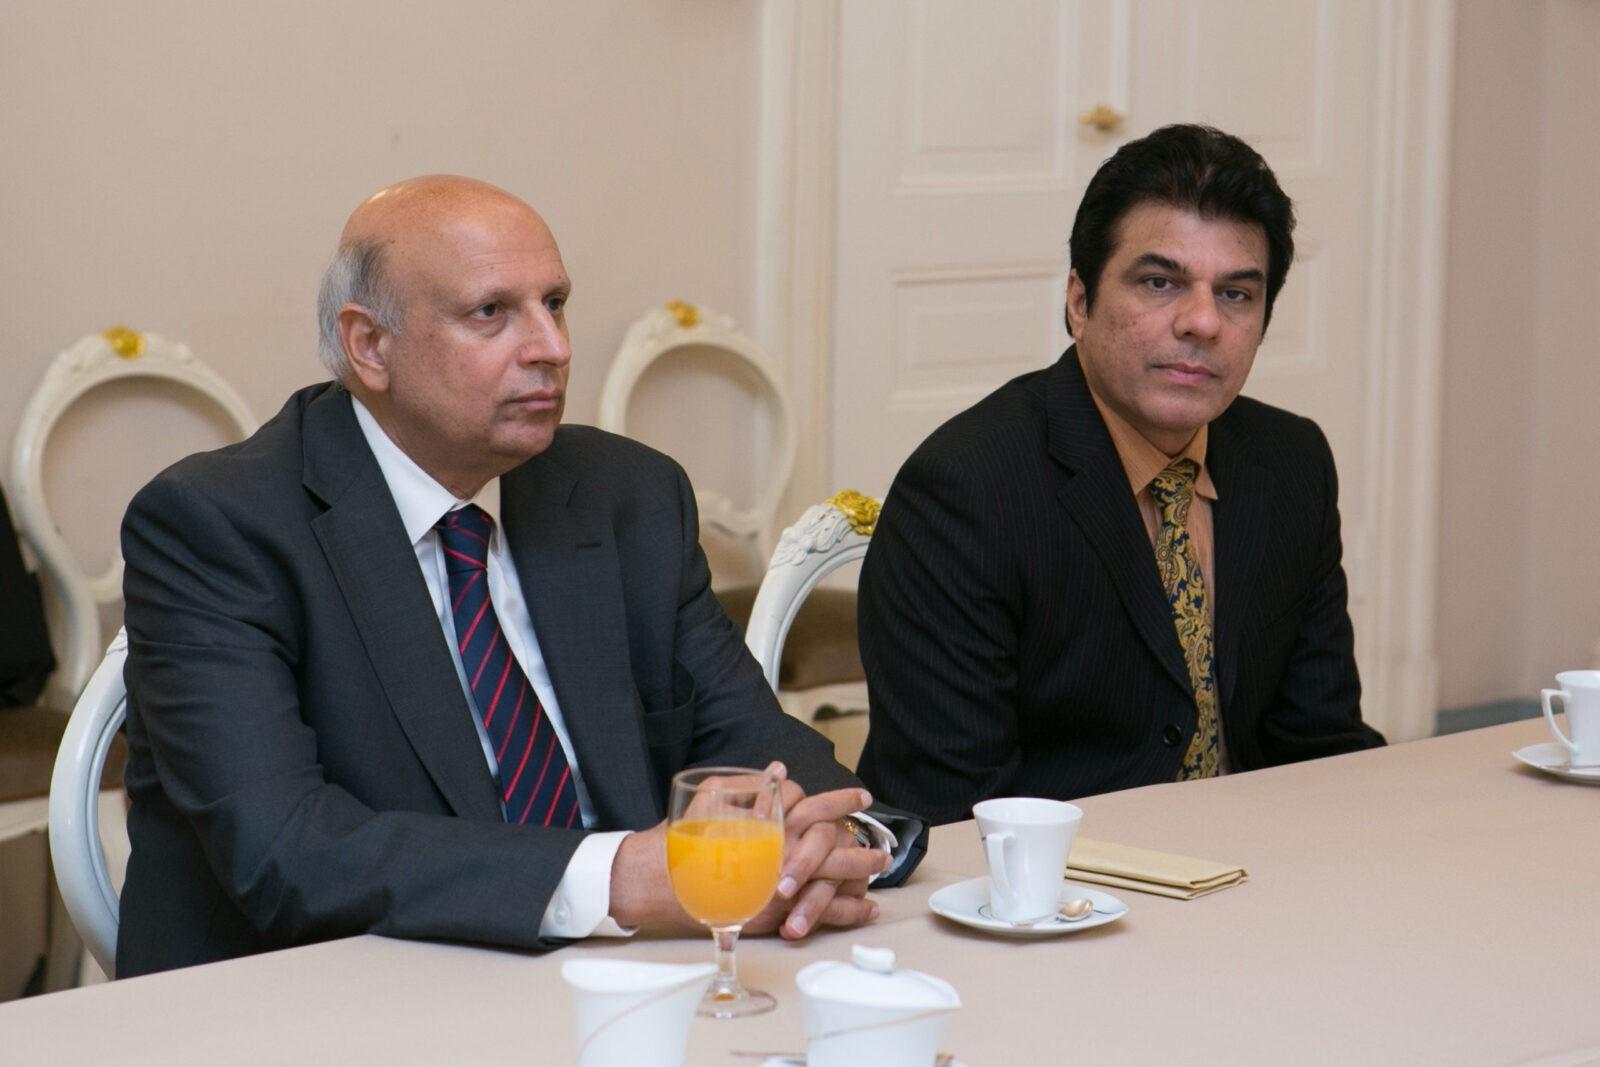 Губернатор Пенджаба надеется, что Дональд Трамп выступит посредником в урегулировании Кашмирского вопроса